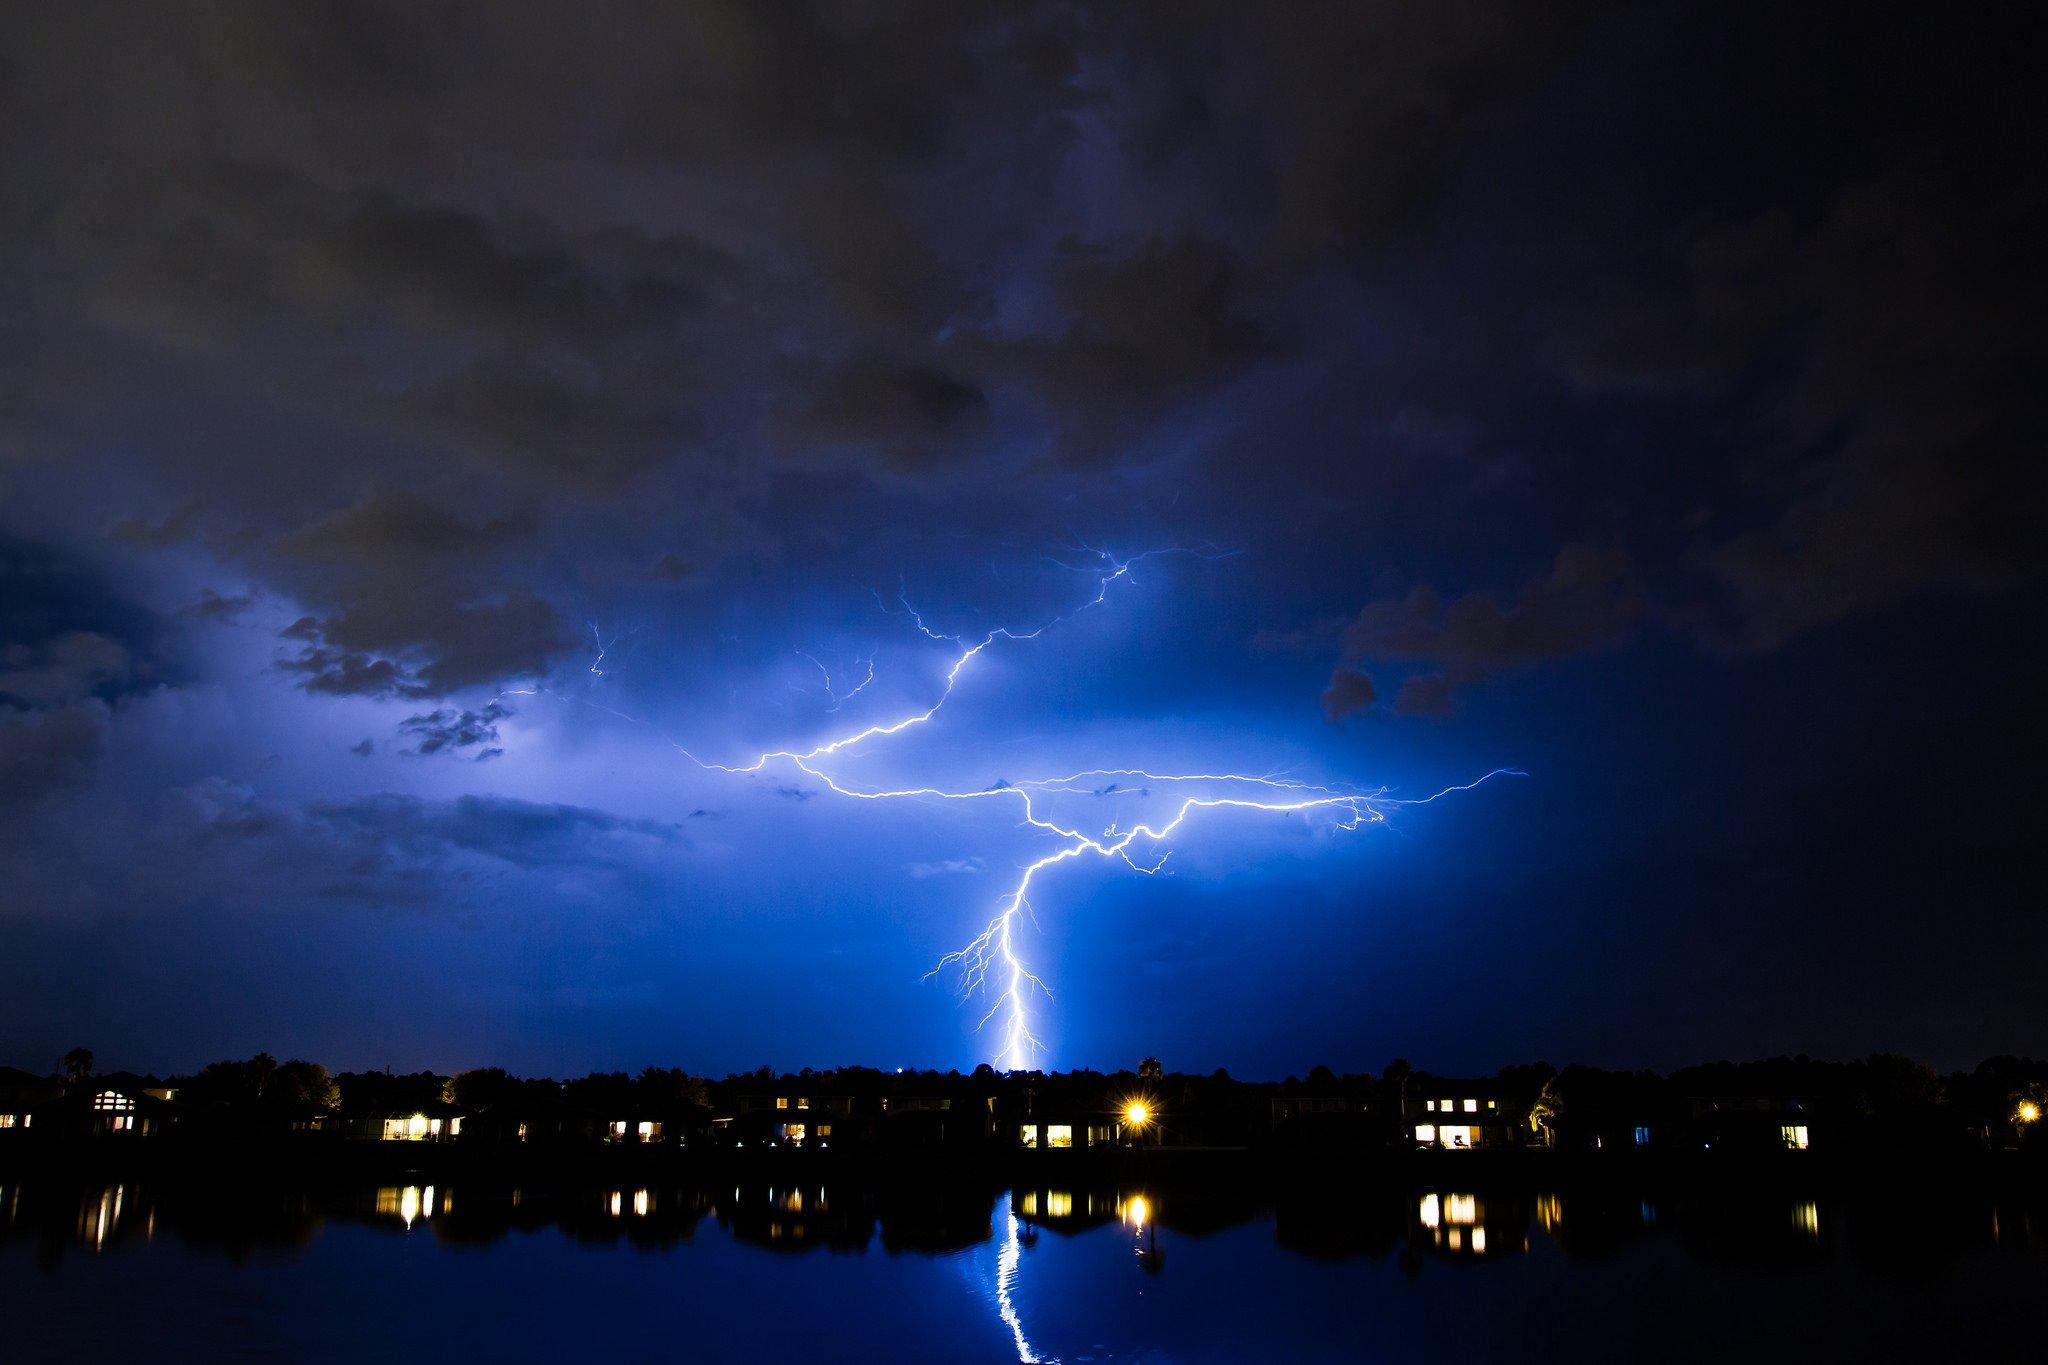 классные фото молния в ночном небе тому невысокая